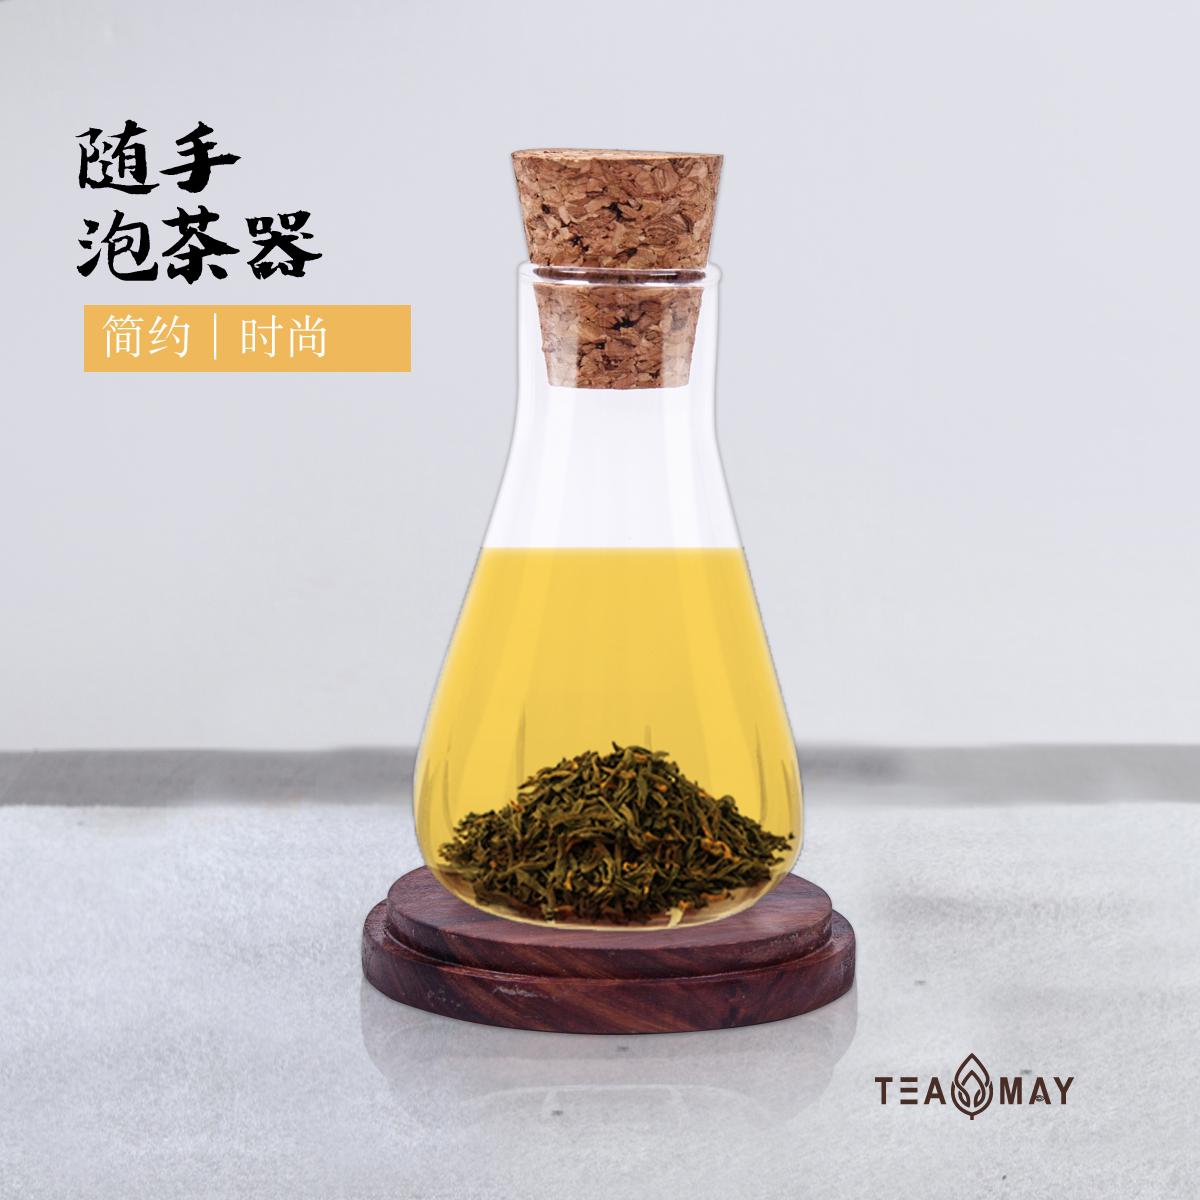 泡茶神器 懒人杯加厚玻璃茶叶过滤器茶滤办公室创意三角茶水分离器